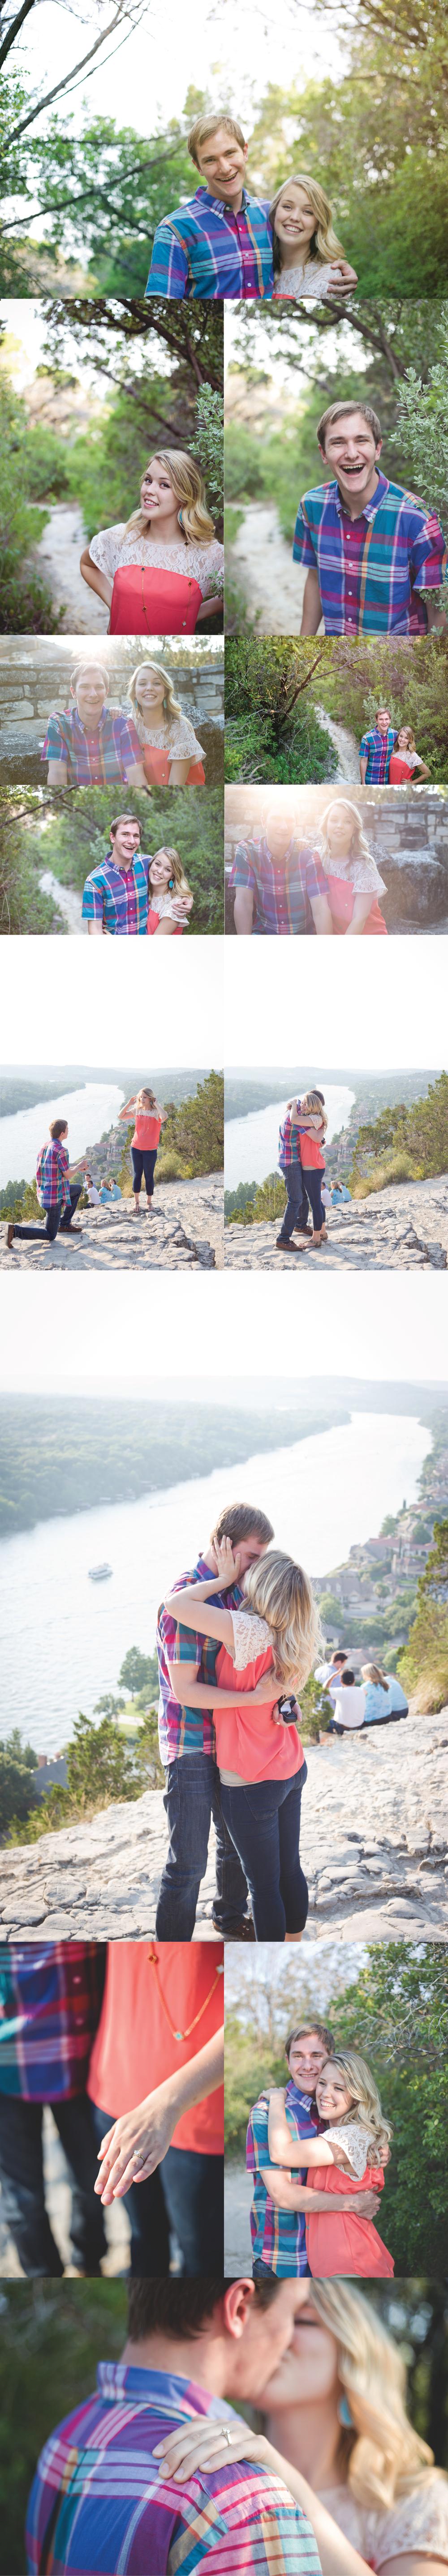 A-n-A-Engagement.jpg